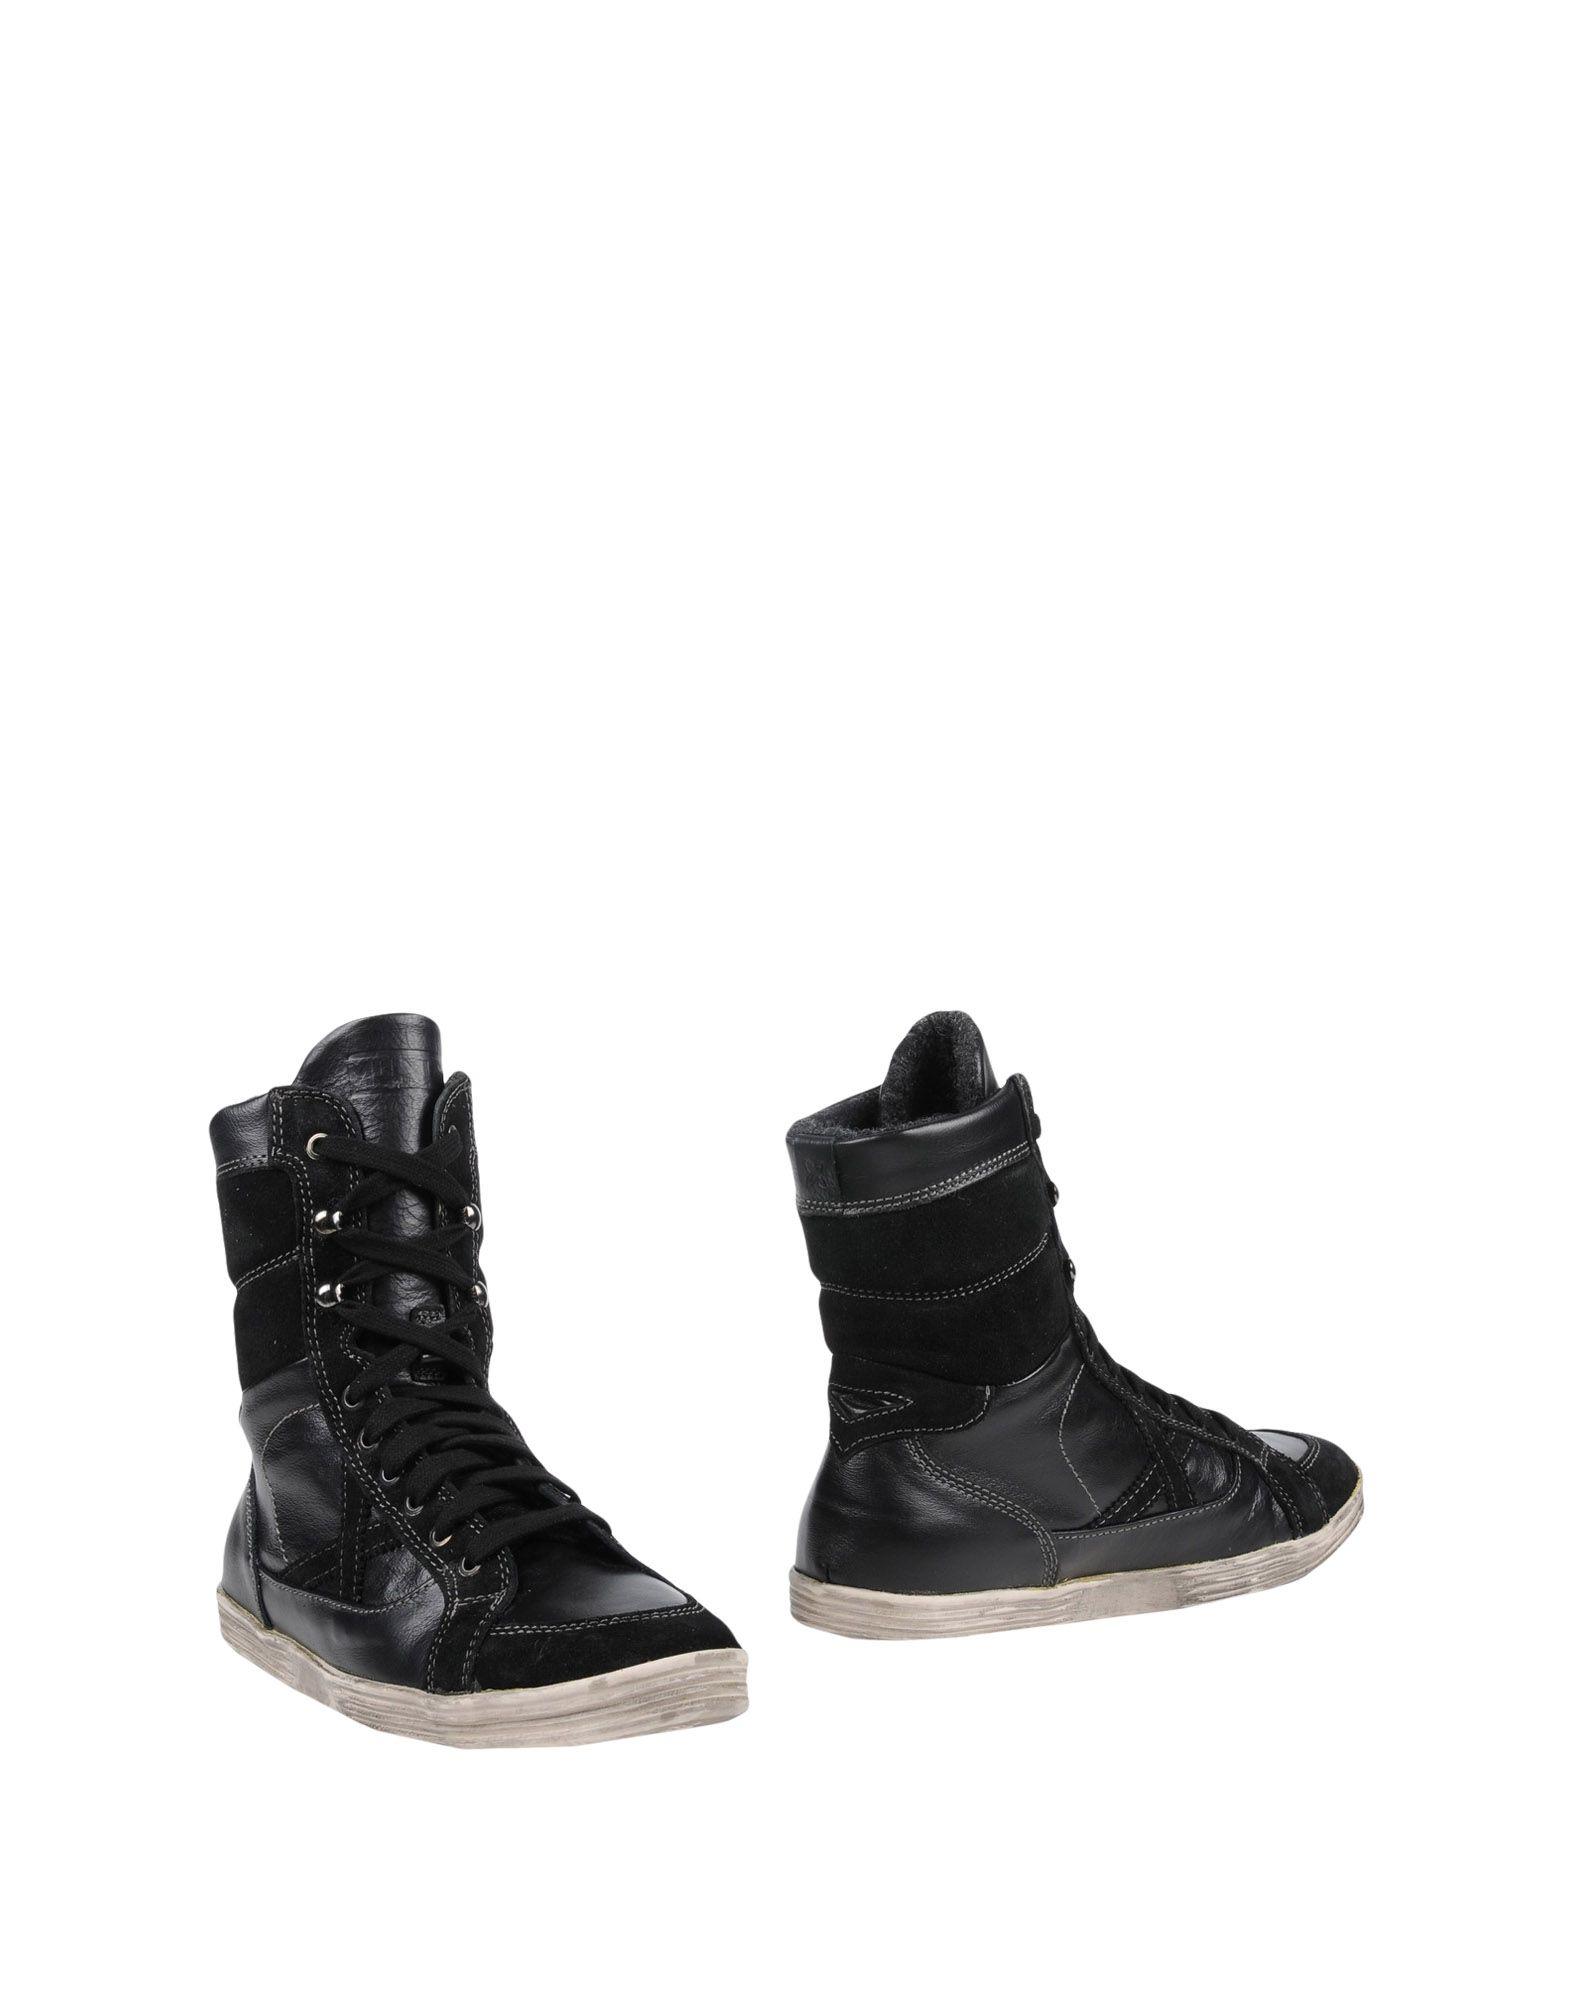 Haltbare Mode billige Schuhe Munich Stiefelette Herren  11446670PV Heiße Schuhe